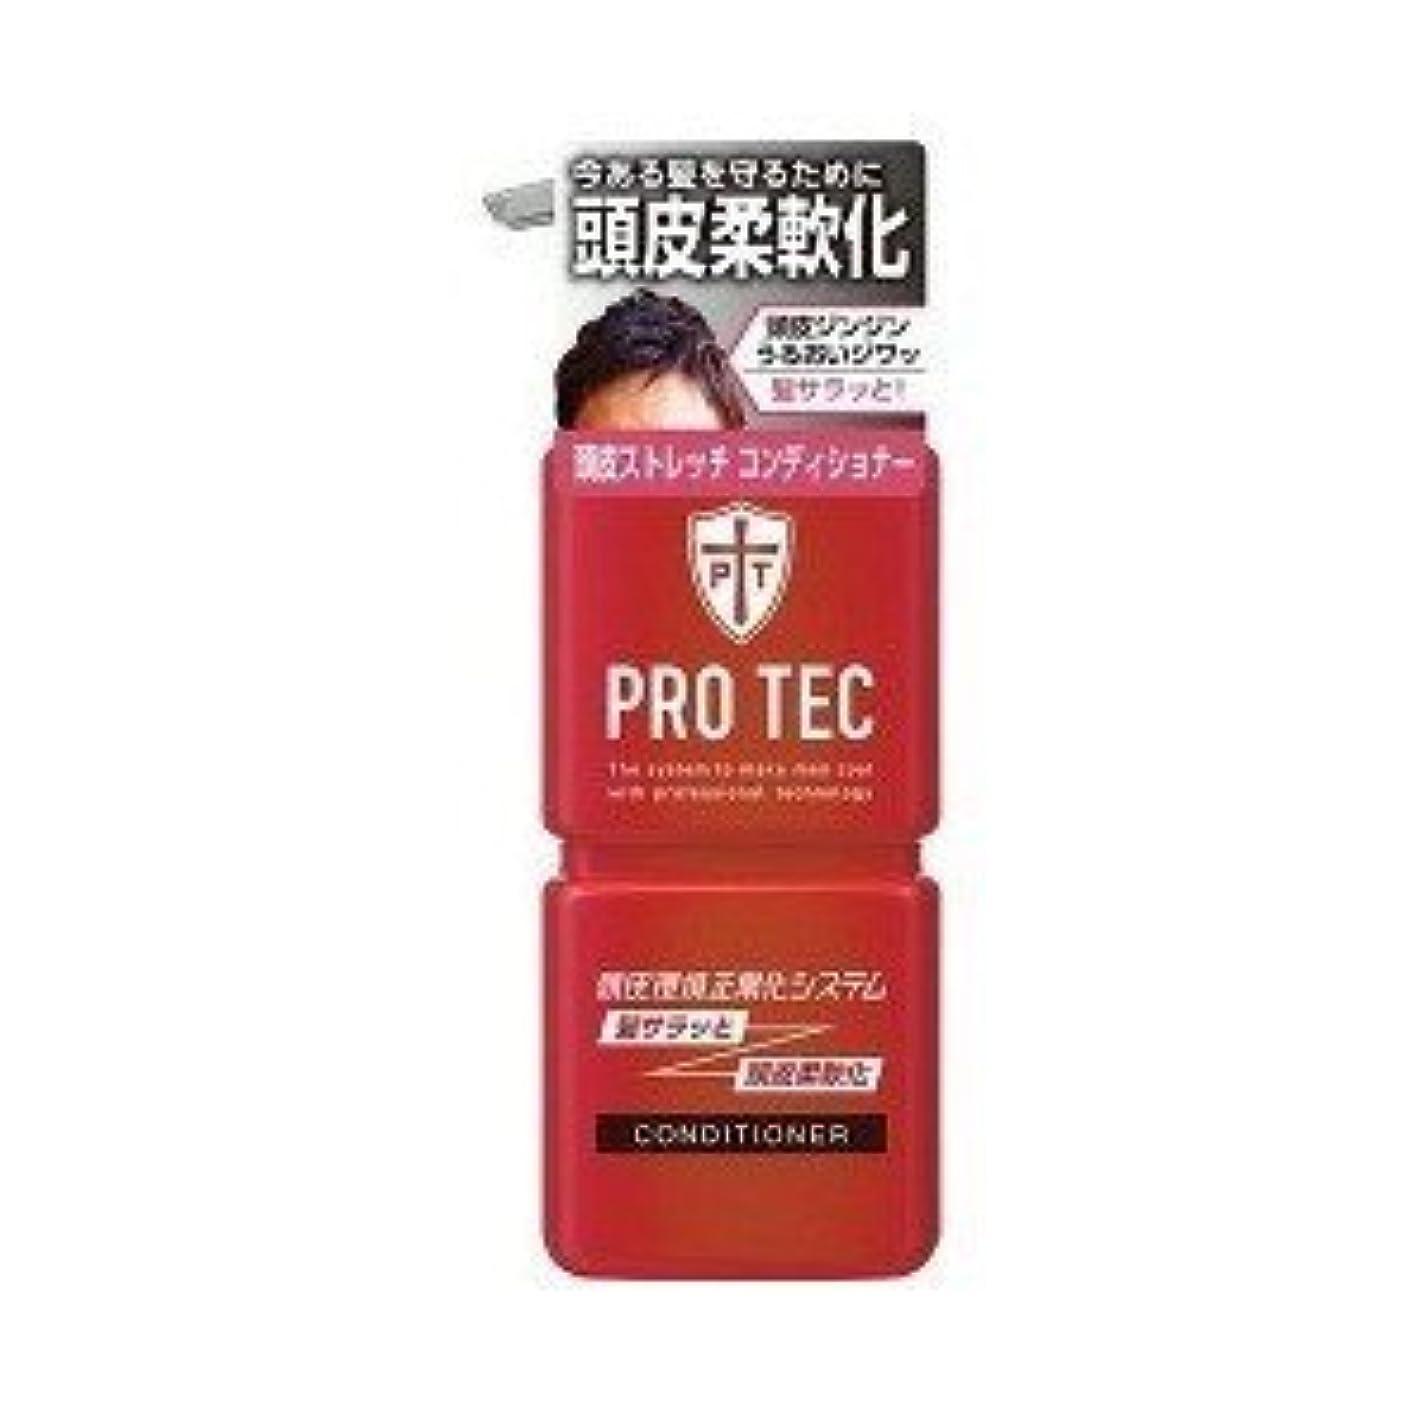 トランク前兆補正(ライオン)PRO TEC(プロテク) 頭皮ストレッチ コンディショナー ポンプ 300g